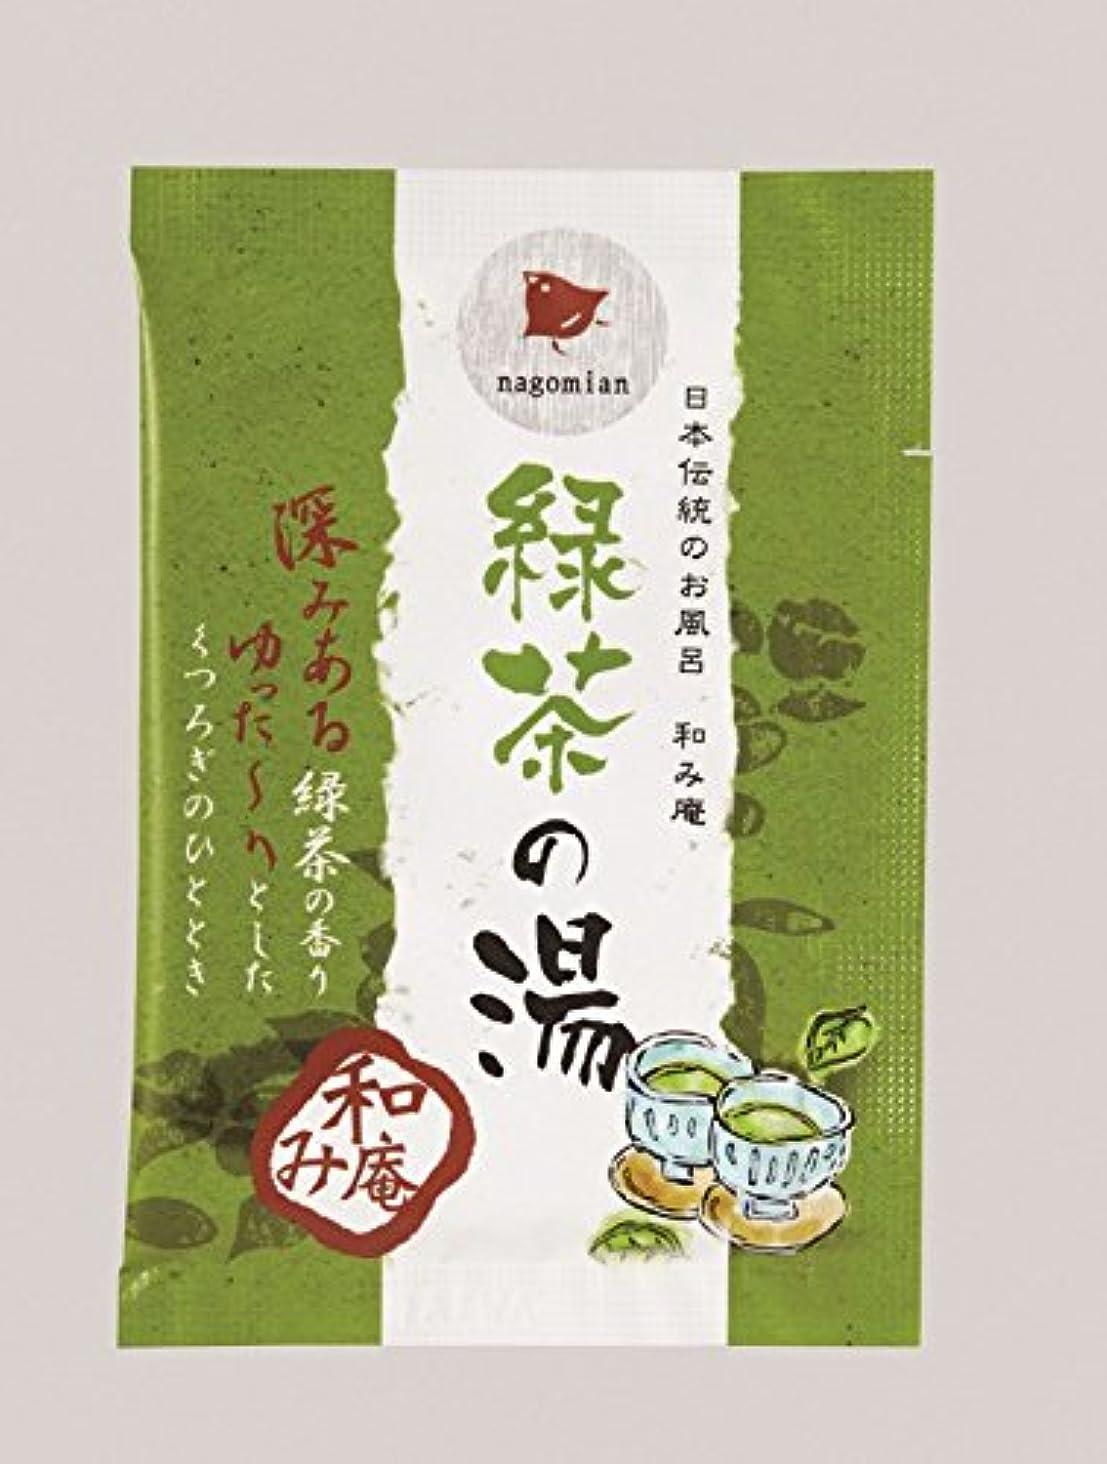 顔料与えるクリープ入浴剤 和み庵(緑茶の湯)25g ケース 200個入り